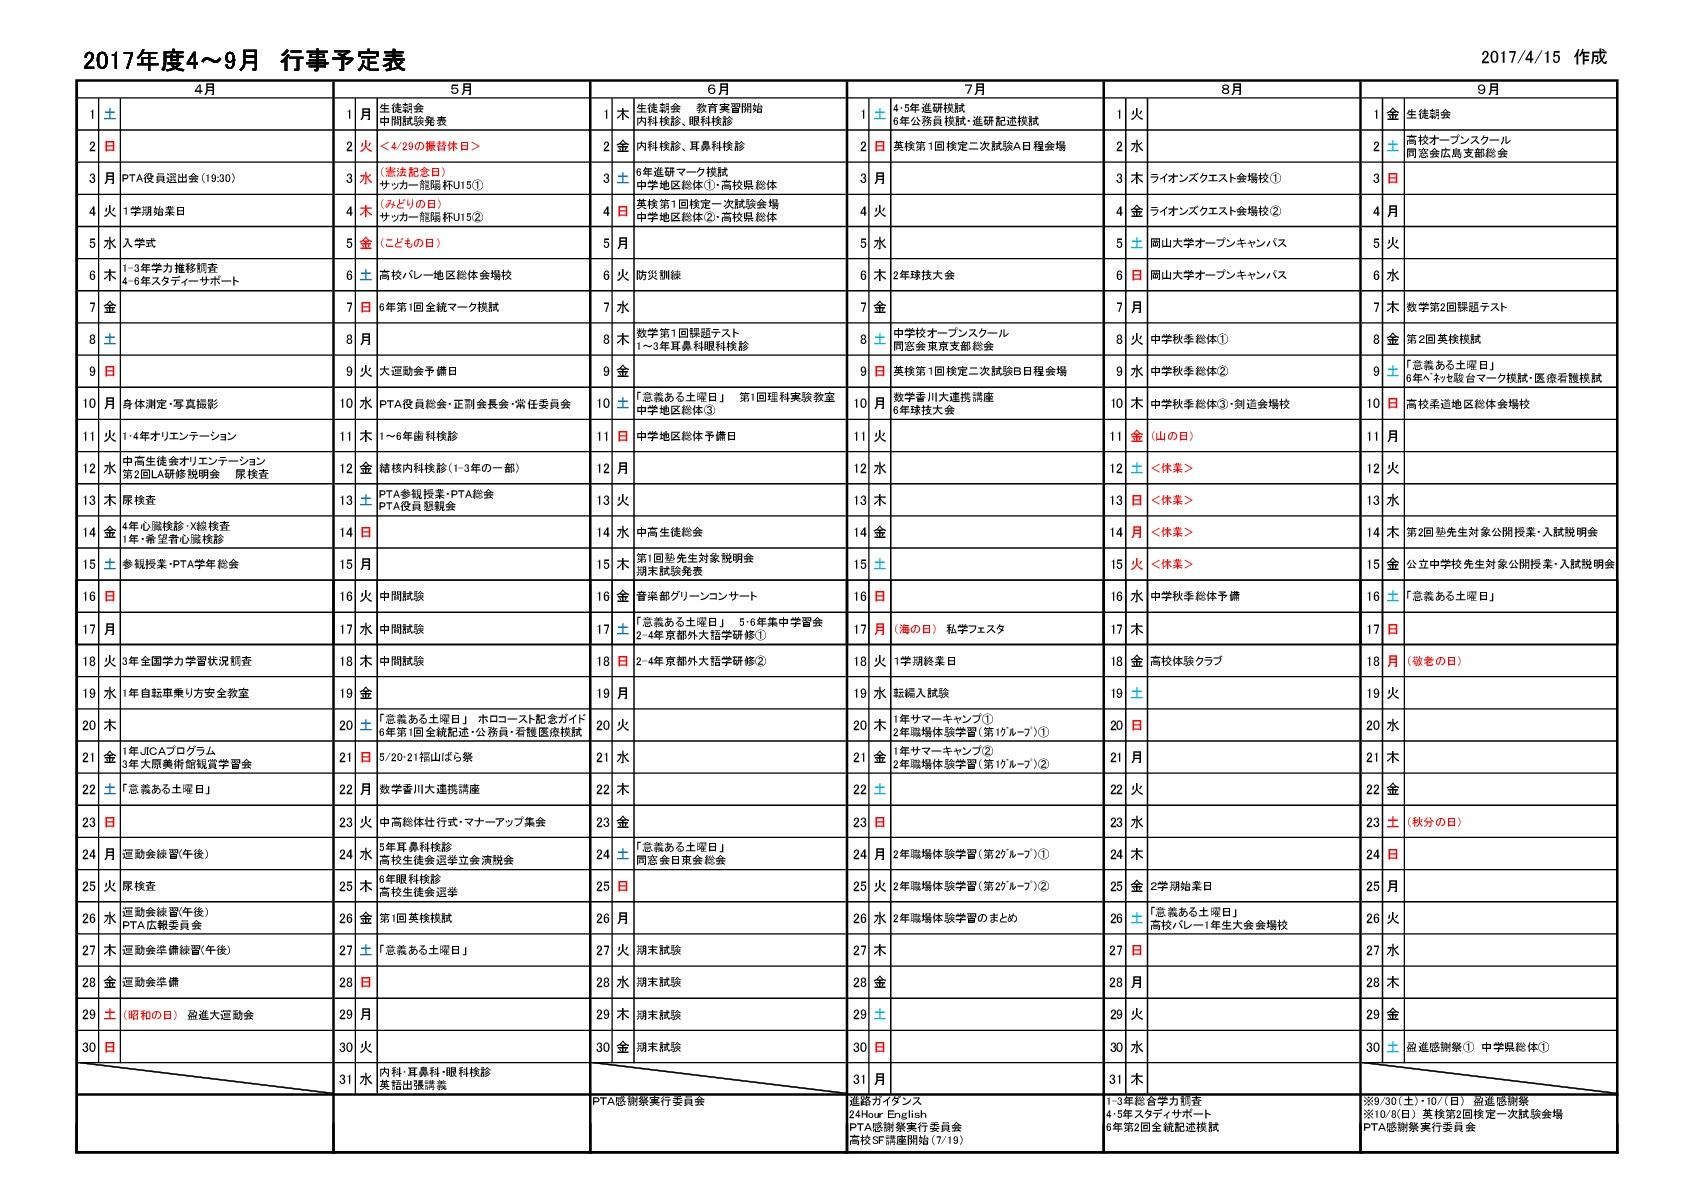 170415行事予定表【改】